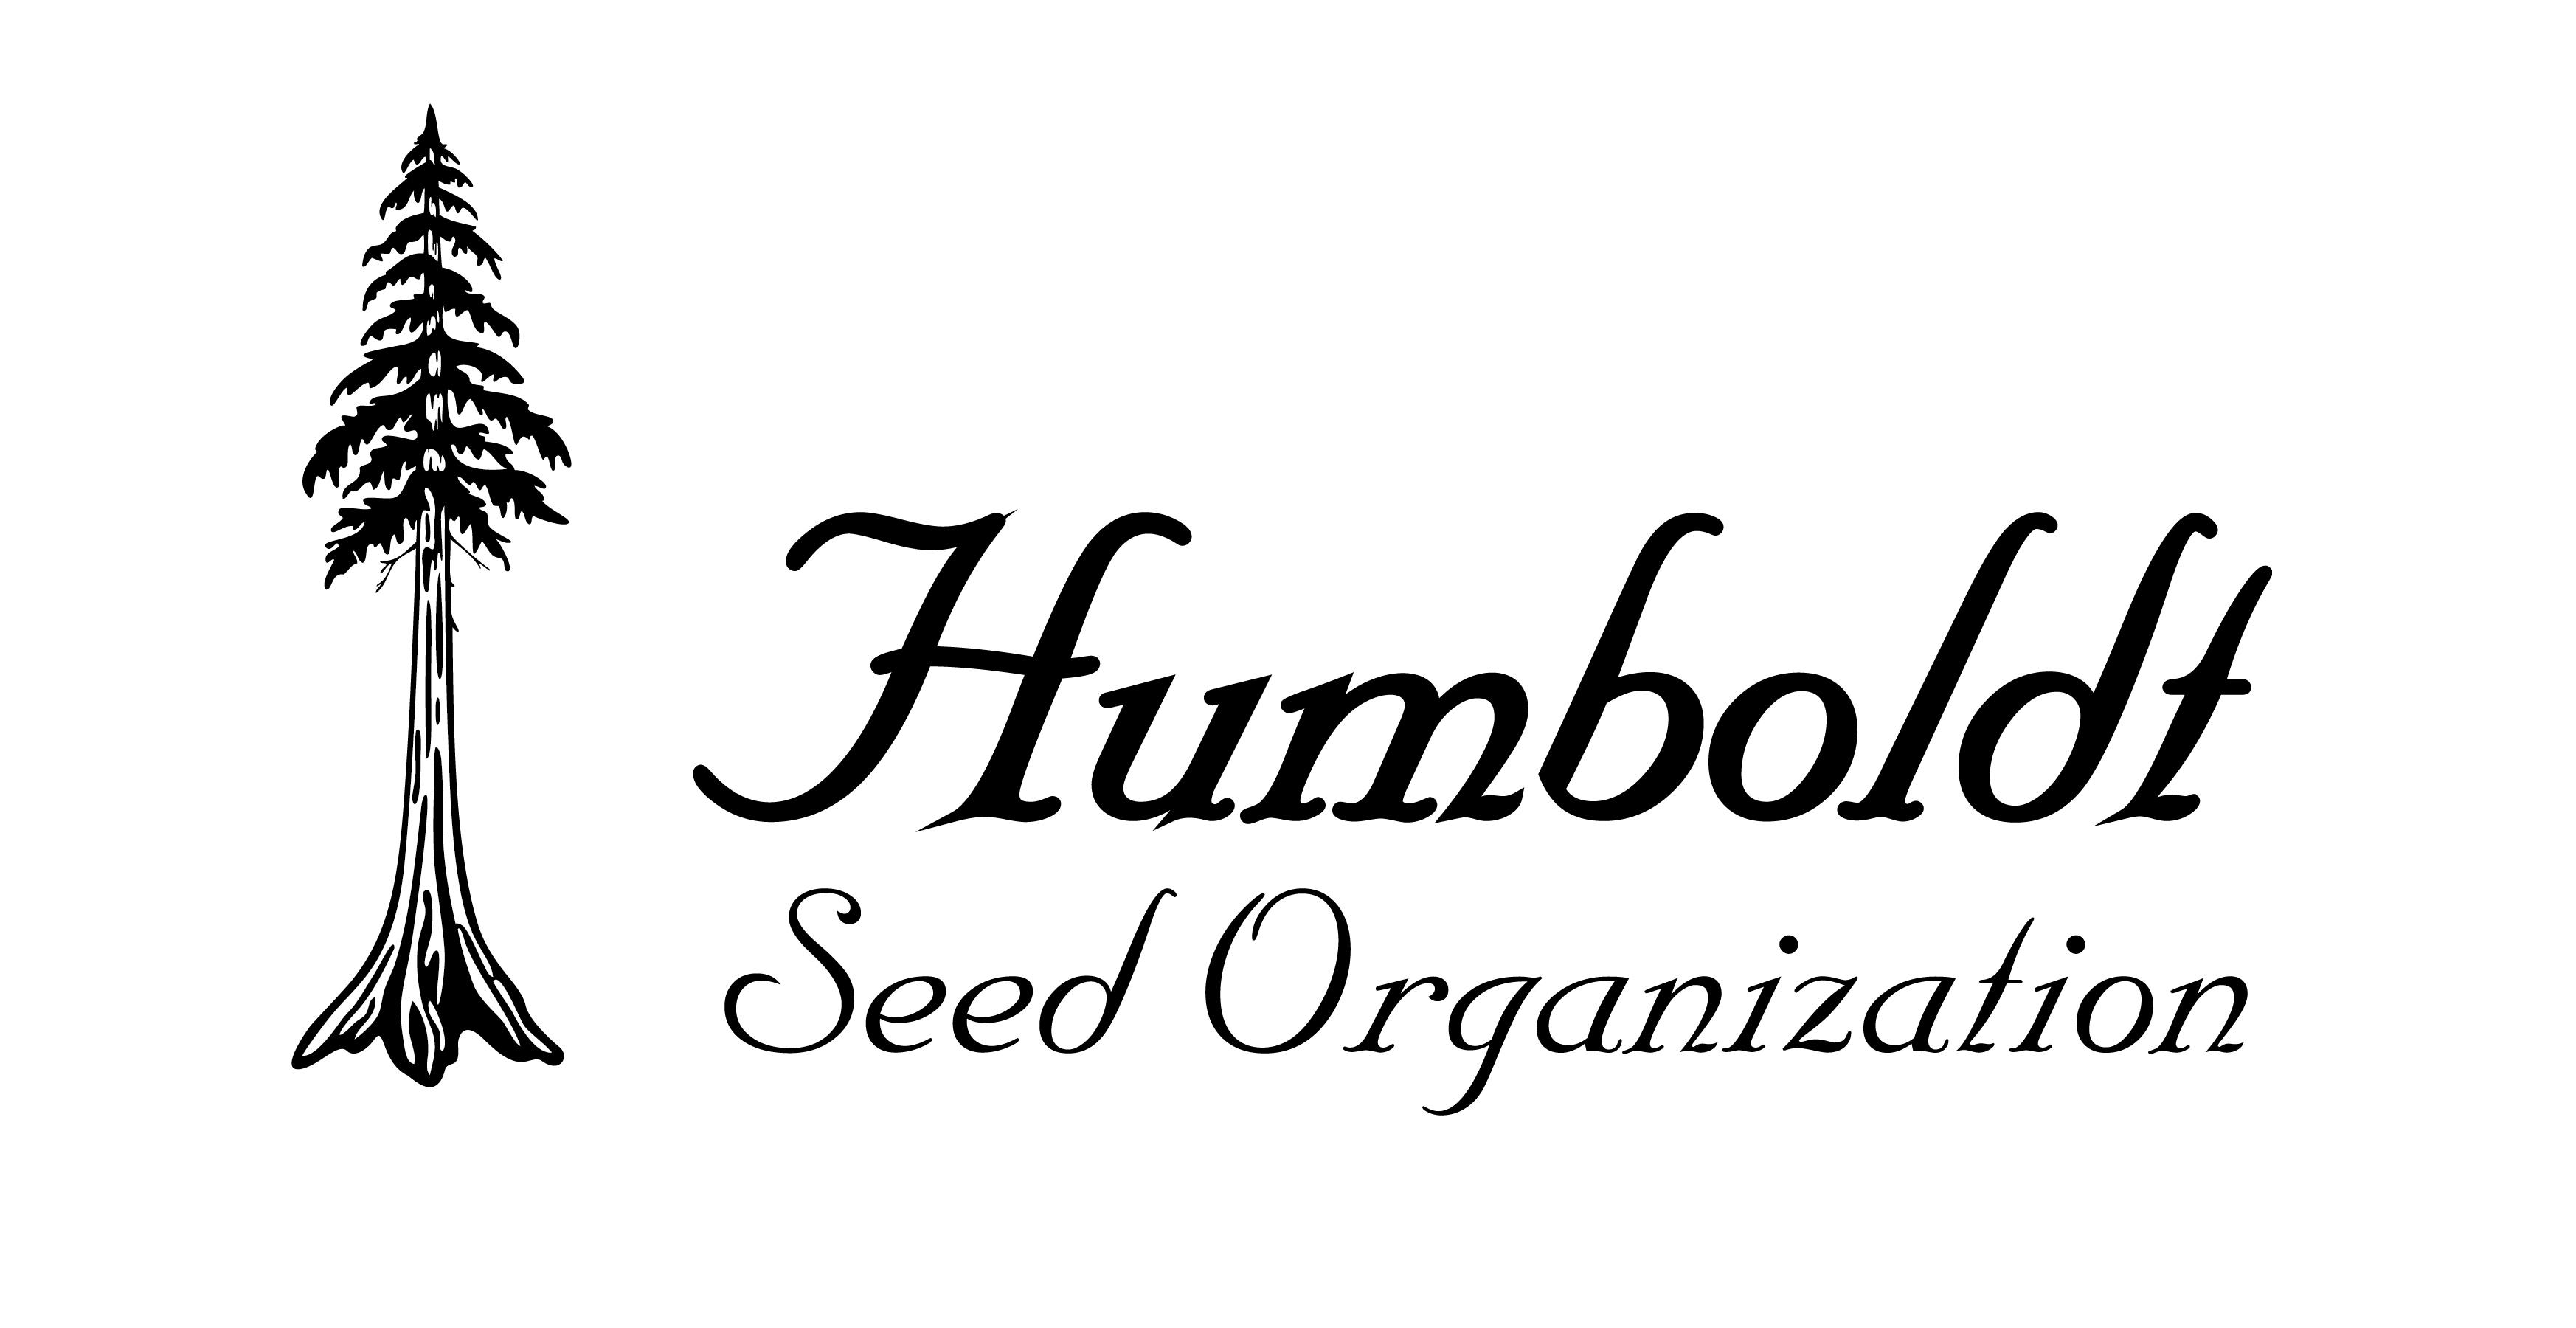 Humboldt Seed Org.